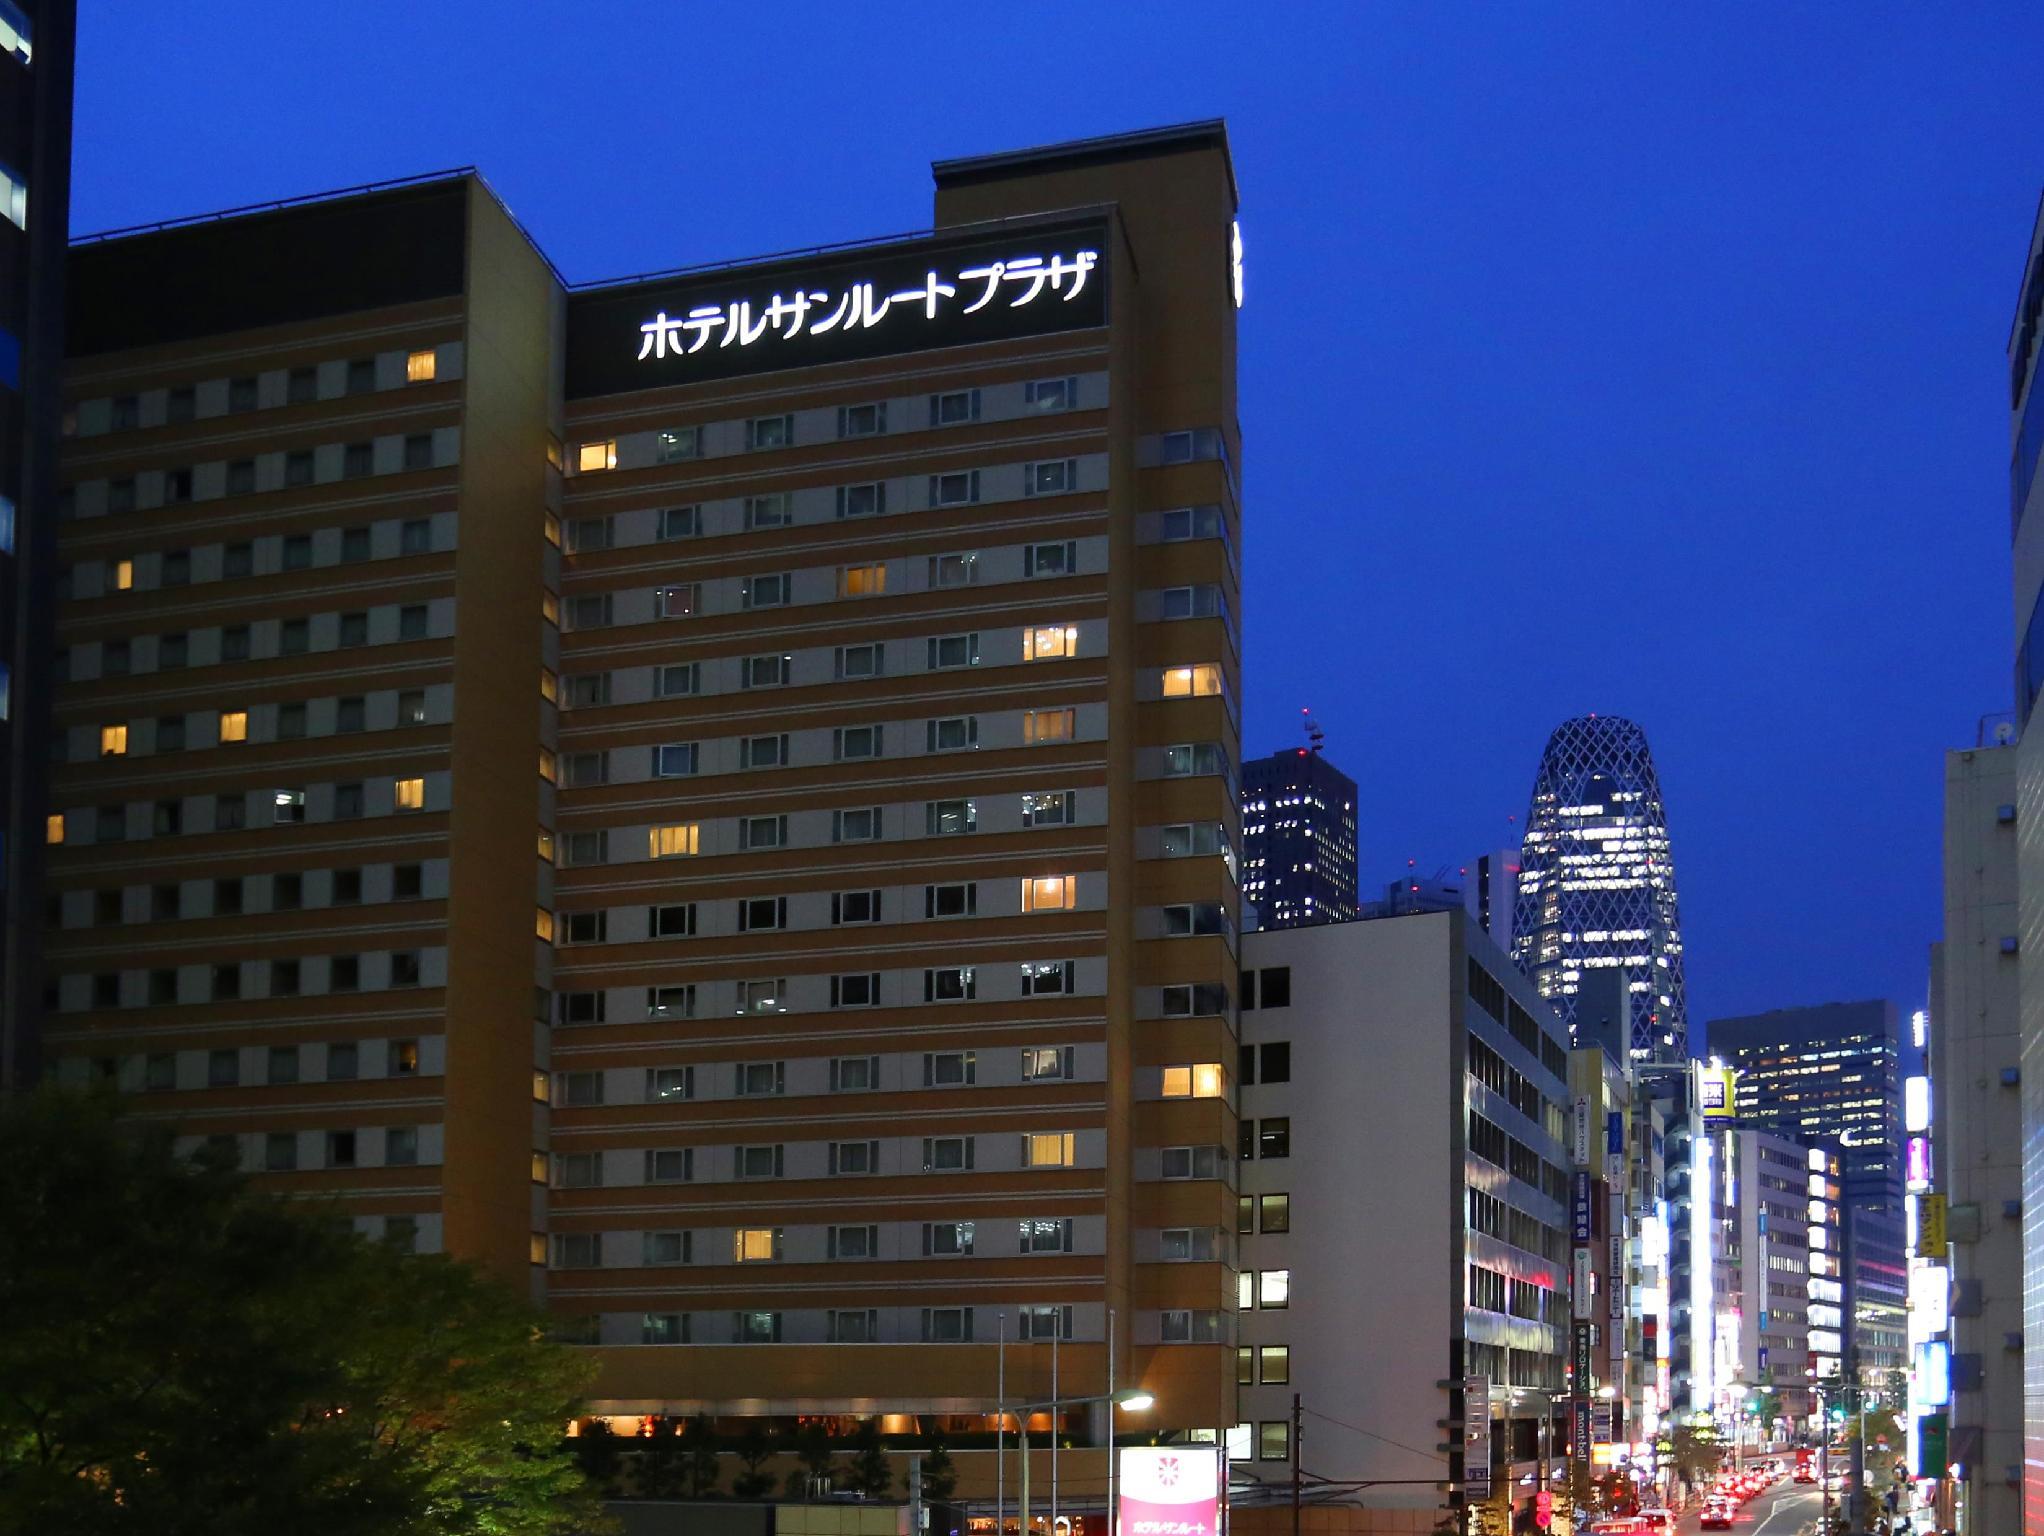 โรงแรมซันรูท พลาซ่า ชินจูกุ